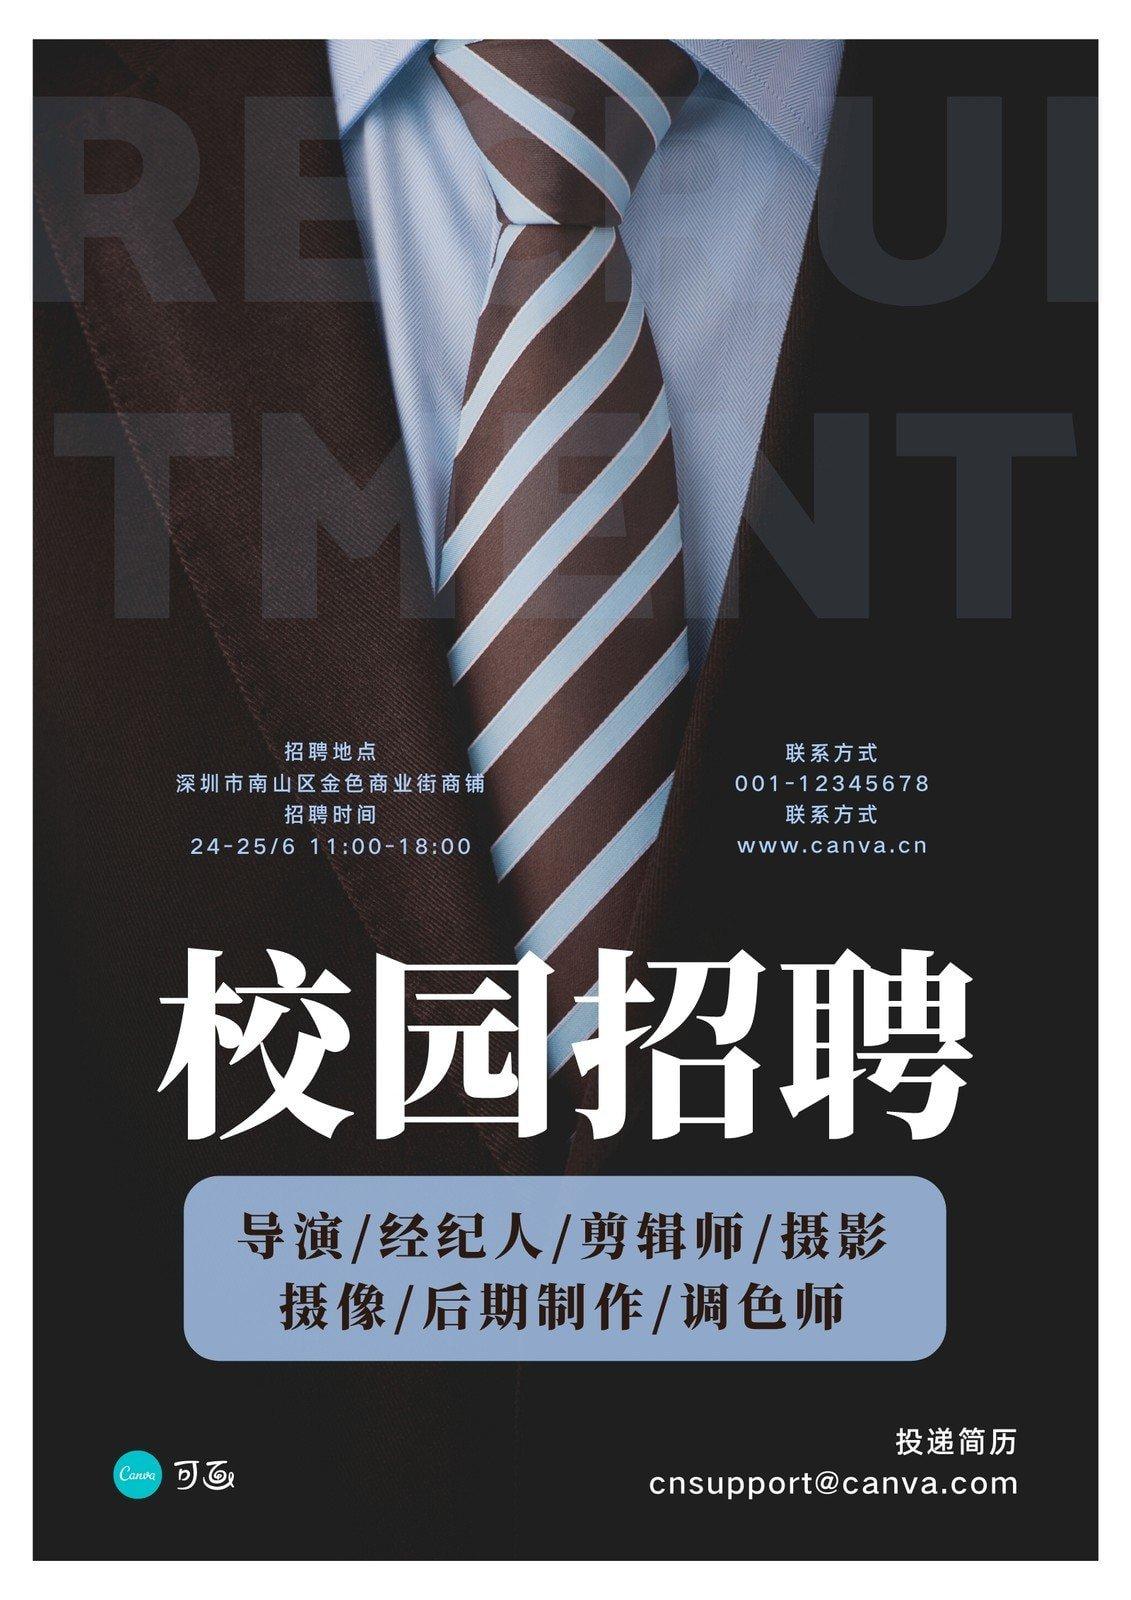 蓝黑色领带照片校园招聘中文海报